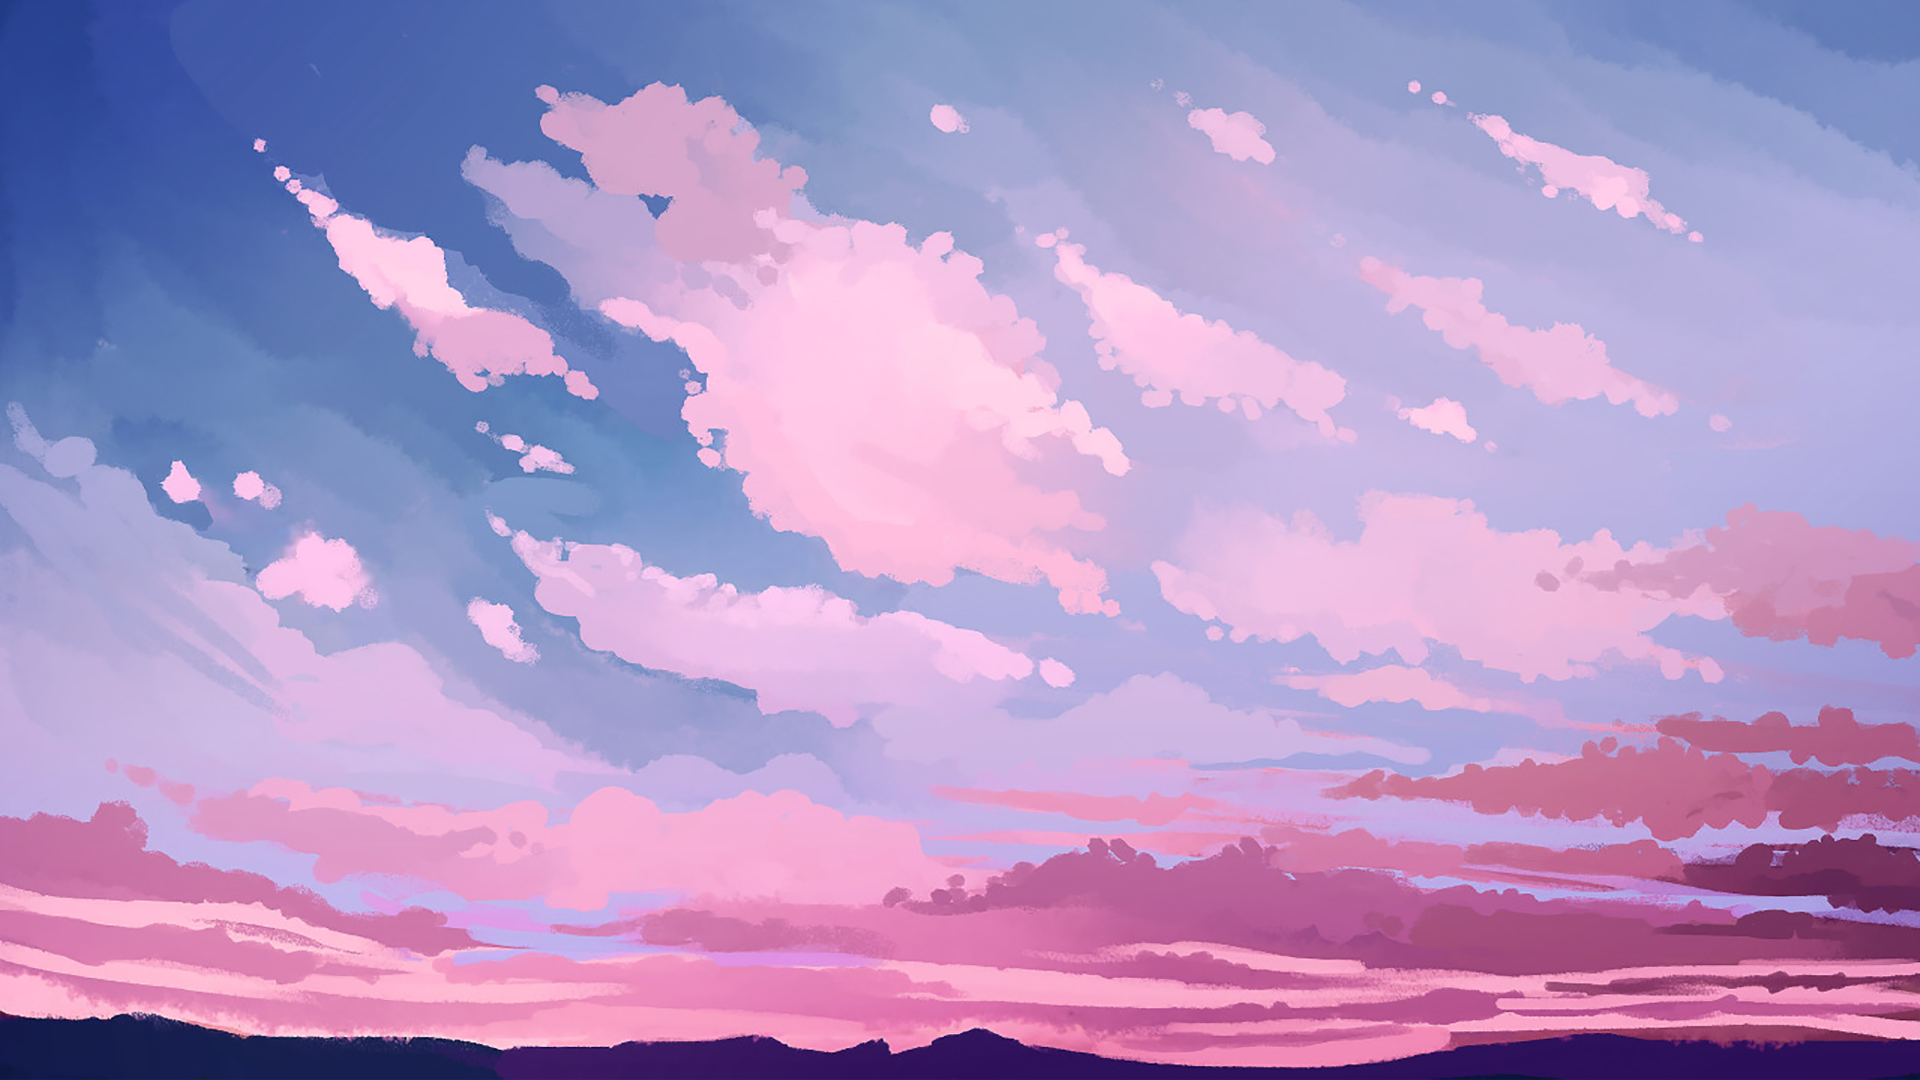 Pink Skies [1920x1080] Desktop wallpaper art, Anime